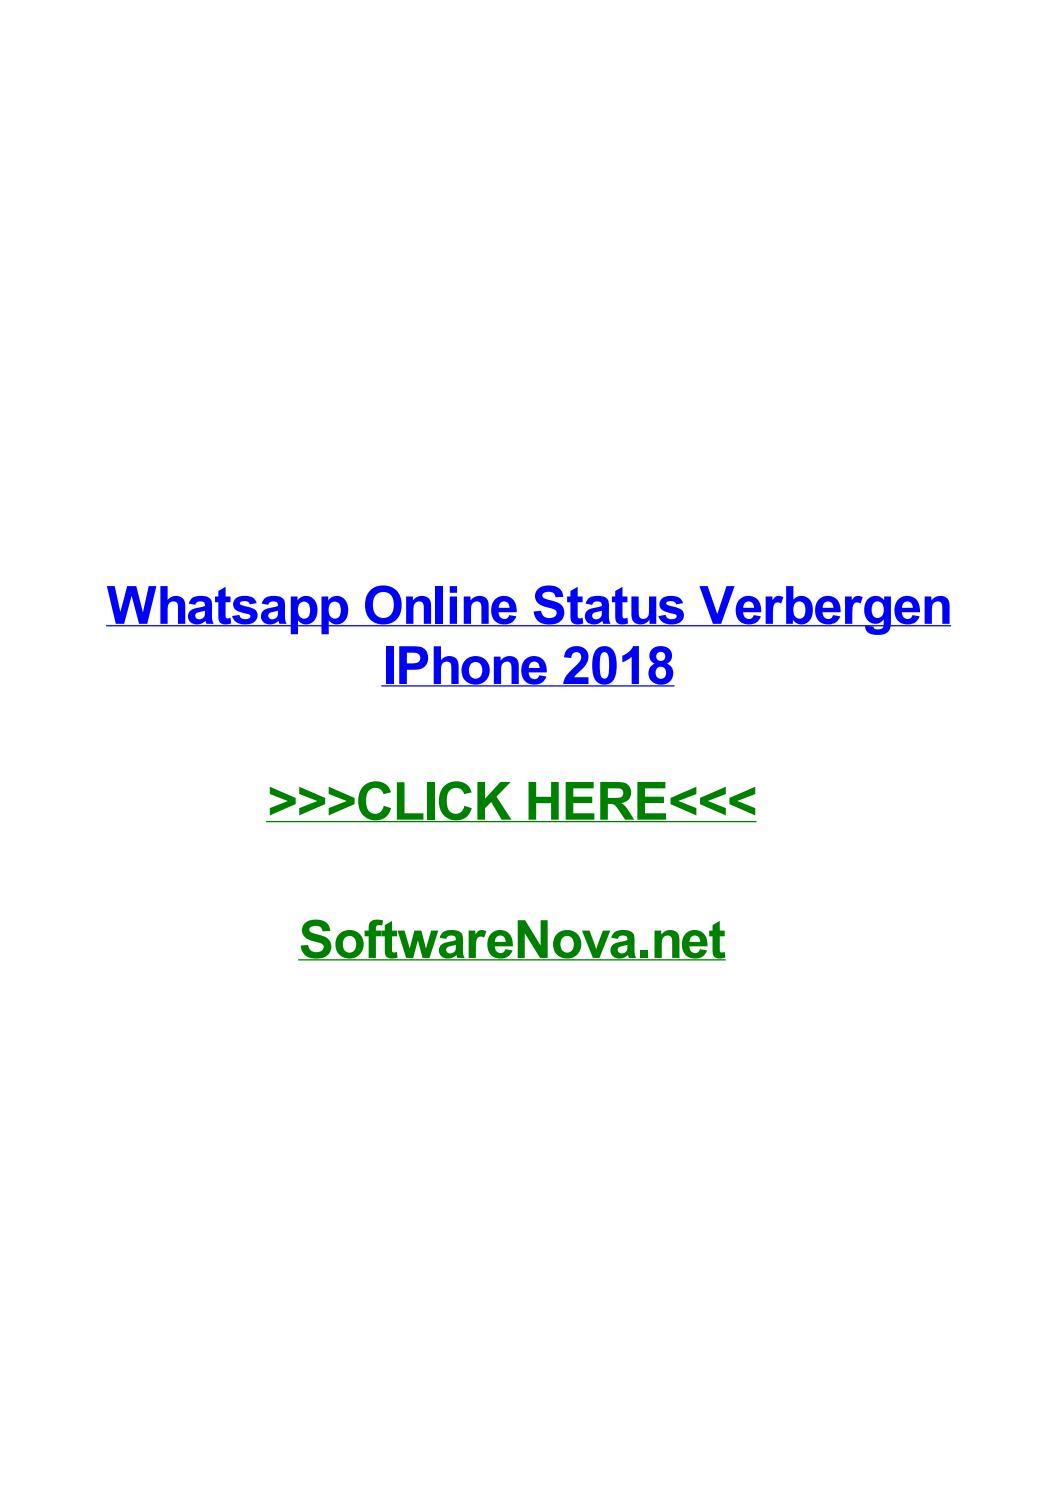 Whatsapp Online Status Verbergen Iphone 2018 By Aprilzunep